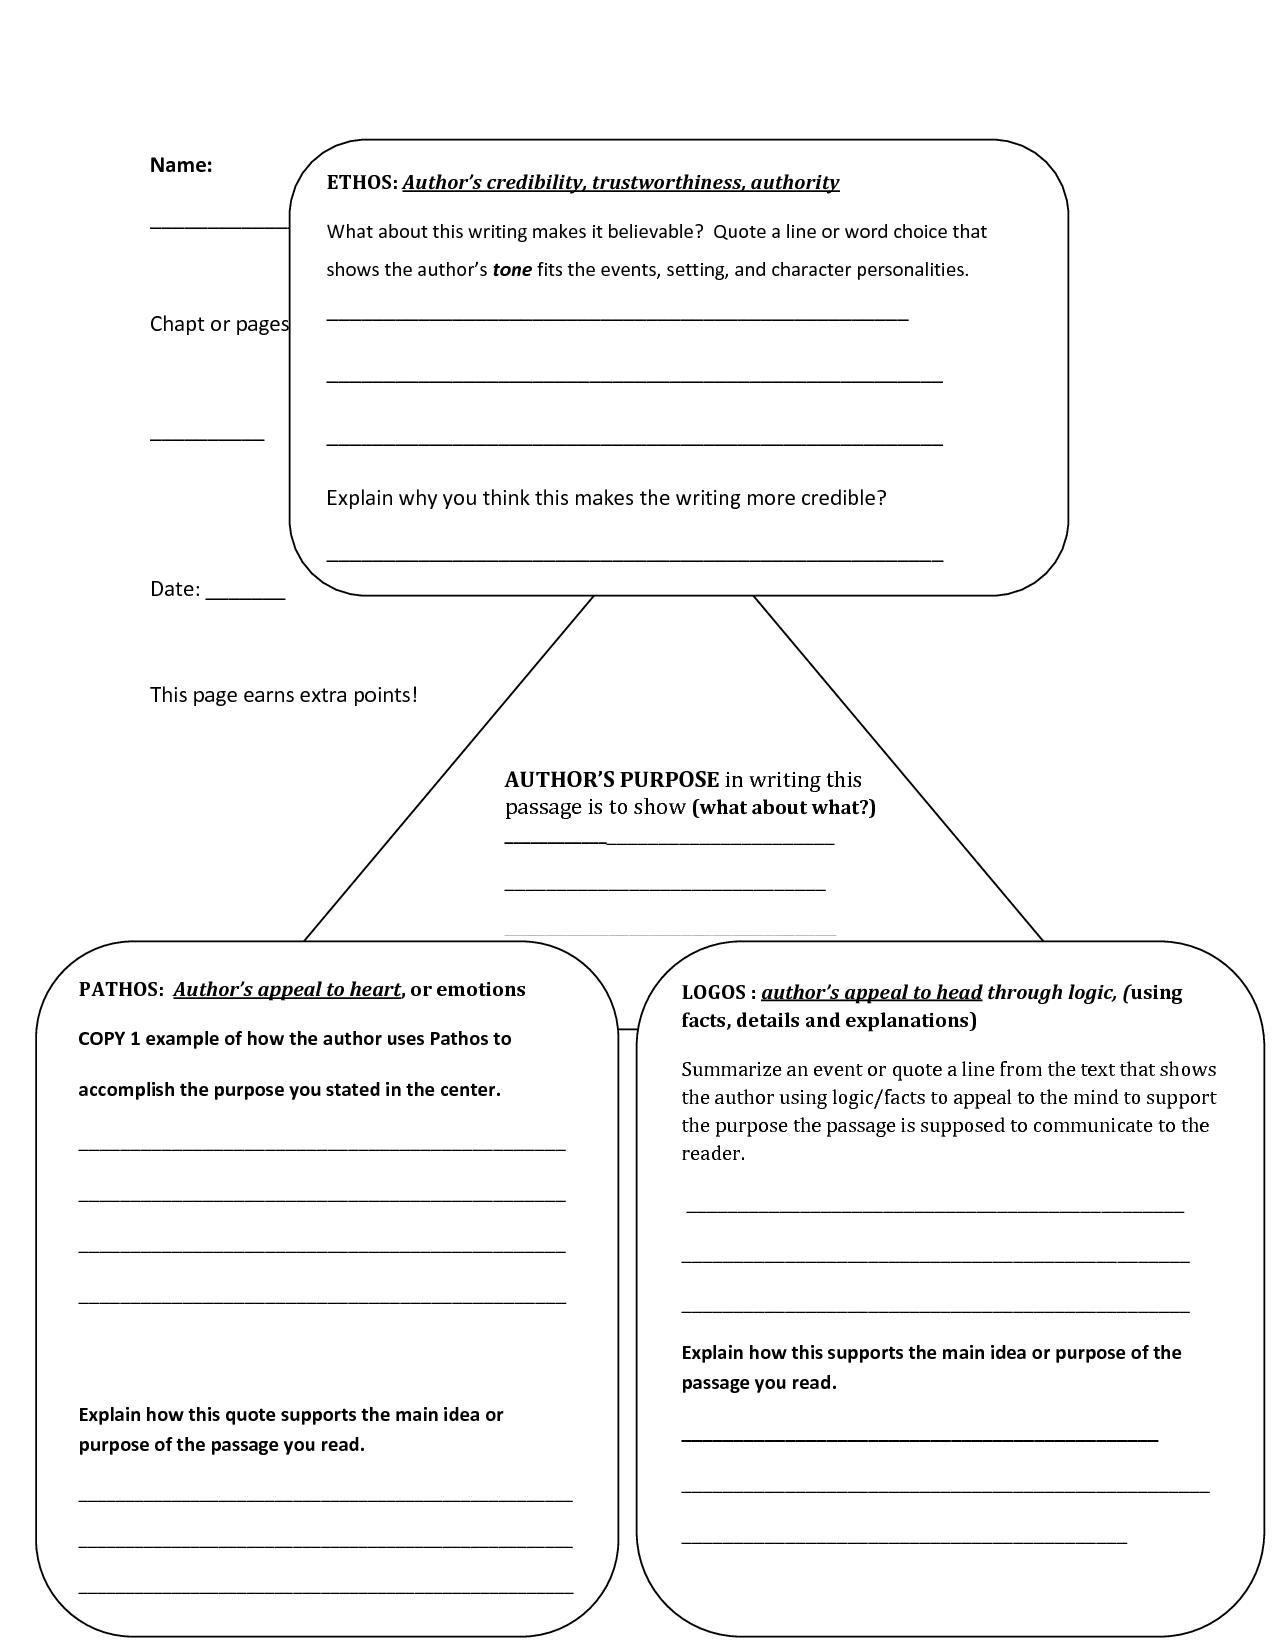 Image Result For Rhetorical Triangle Worksheet